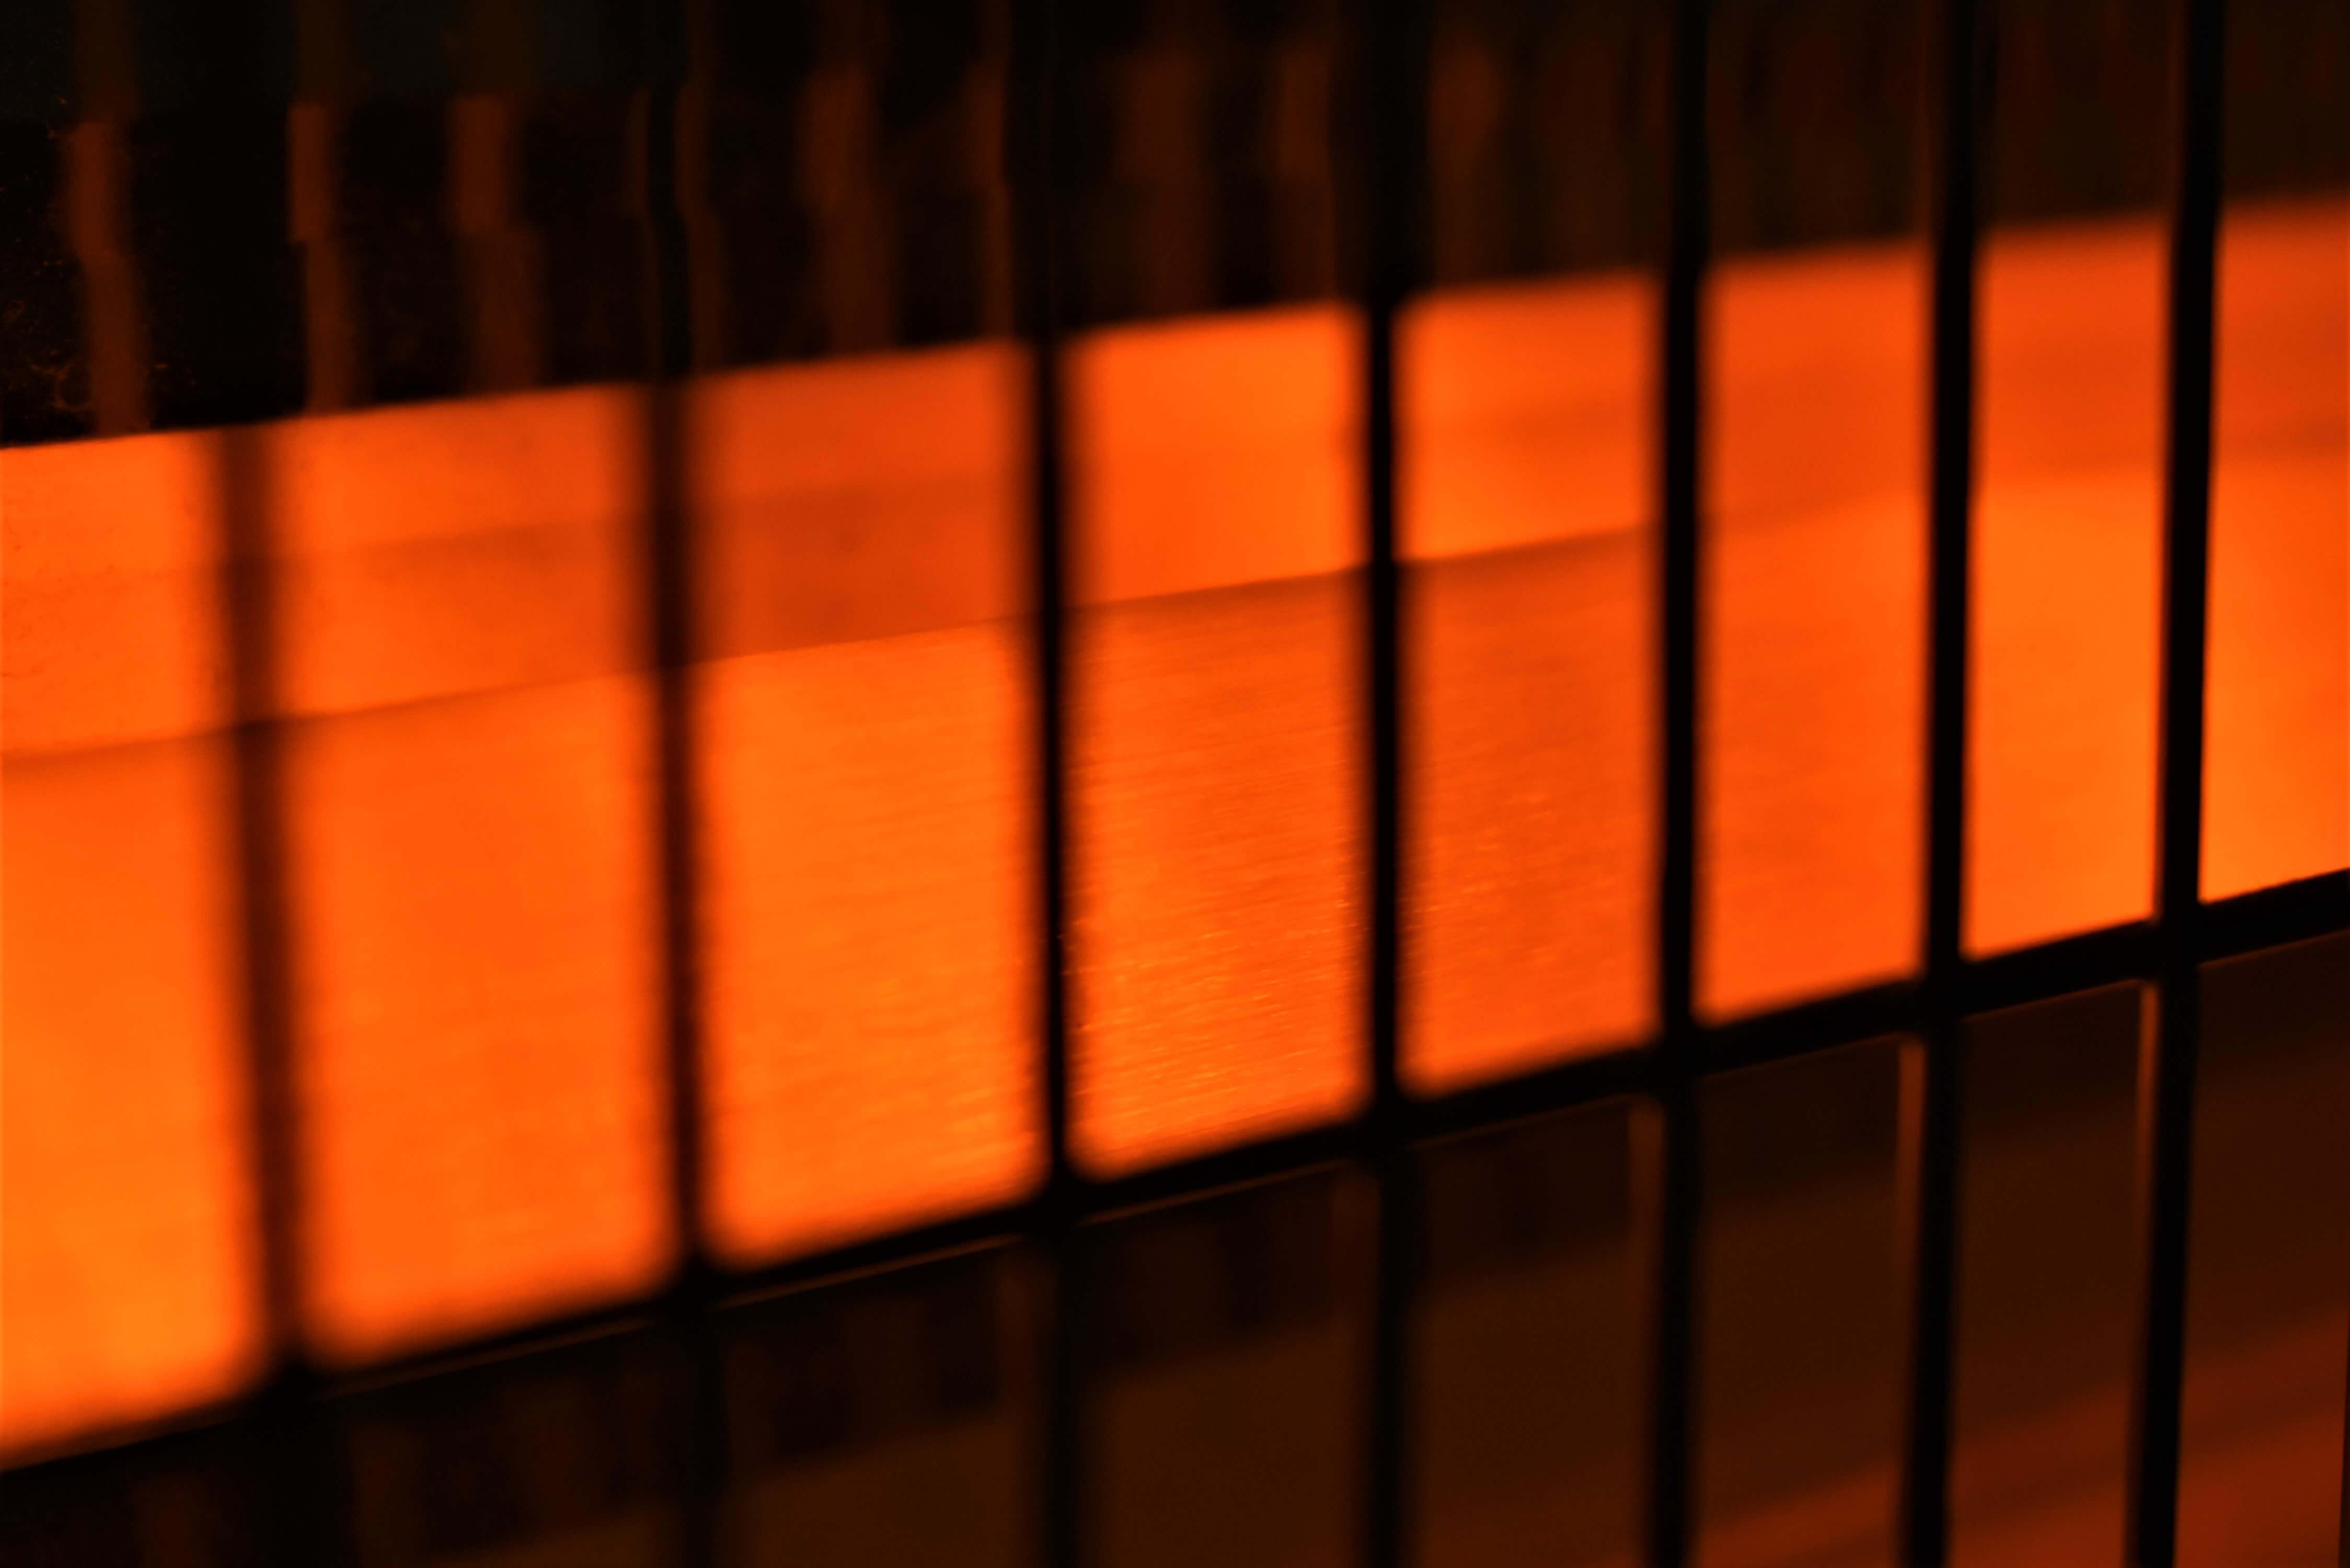 elektrikli ısıtıcı ne kadar yakar